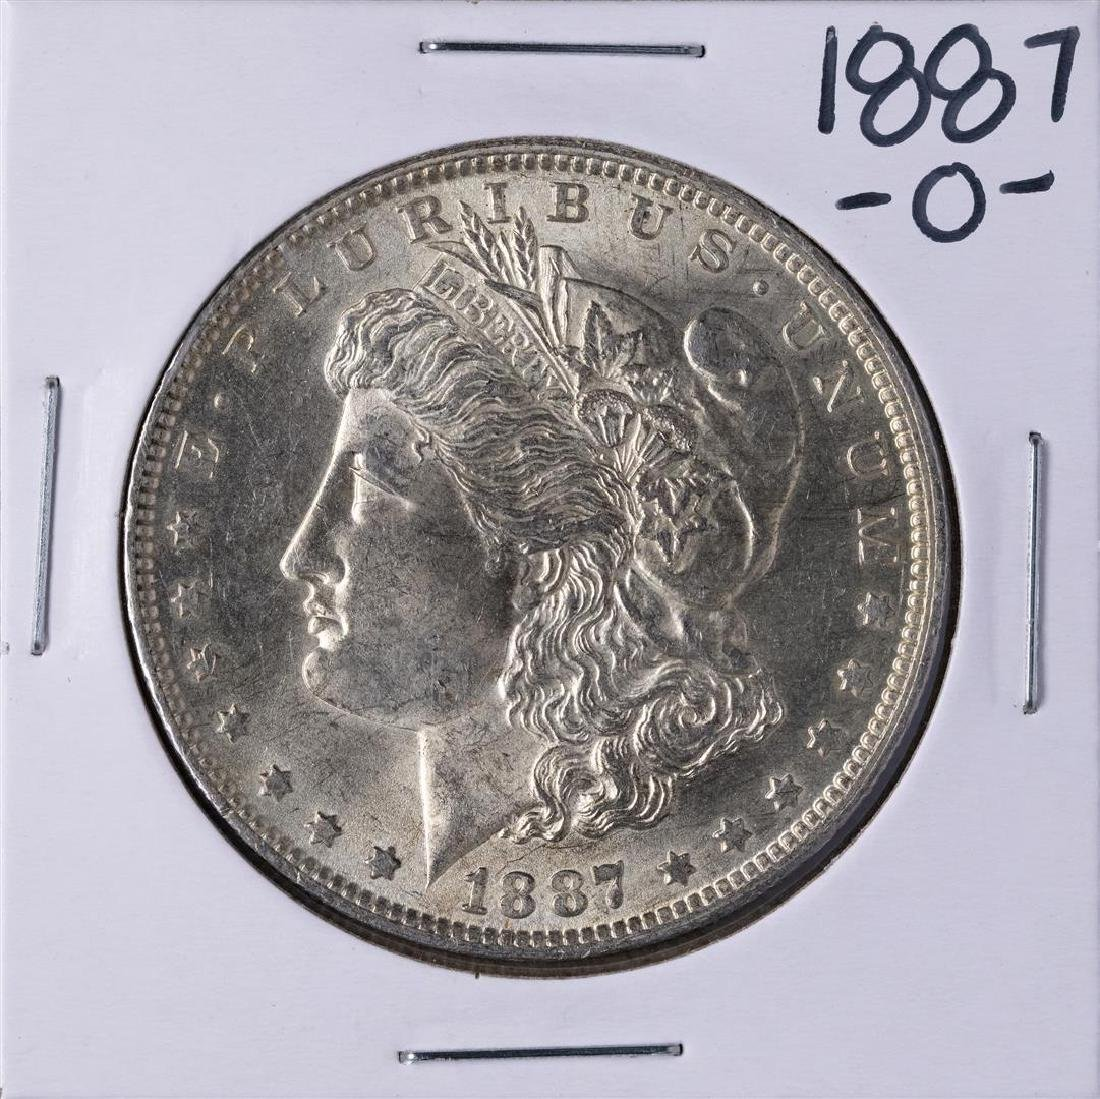 1887-O $1 Morgan Silver Dollar Coin